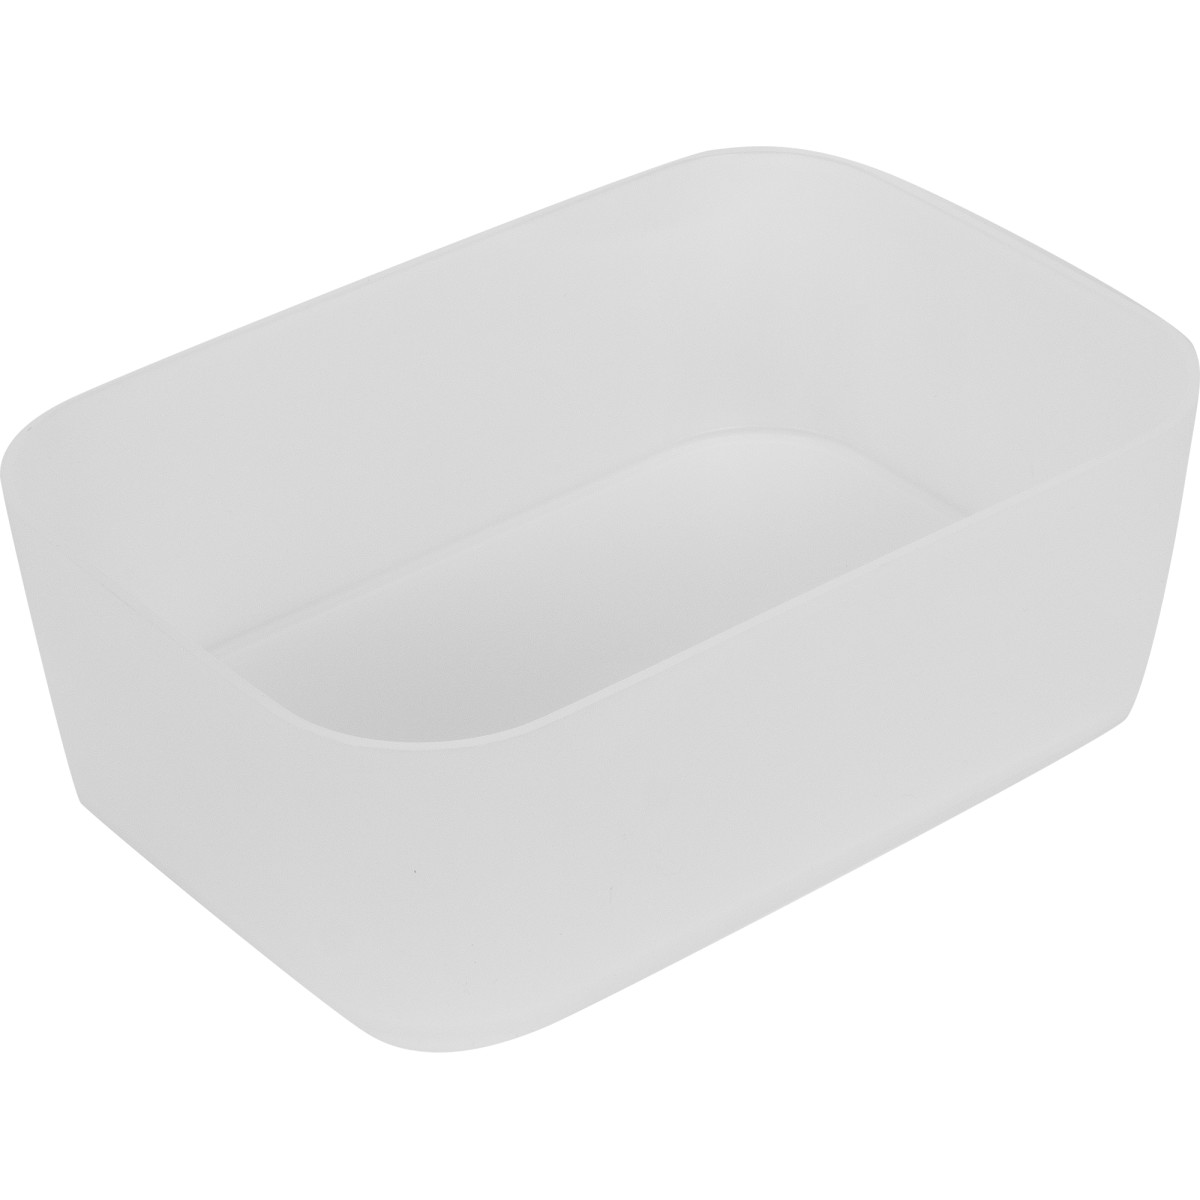 Ёмкость малая Berossi 15x5x11 см пластик цвет прозрачный